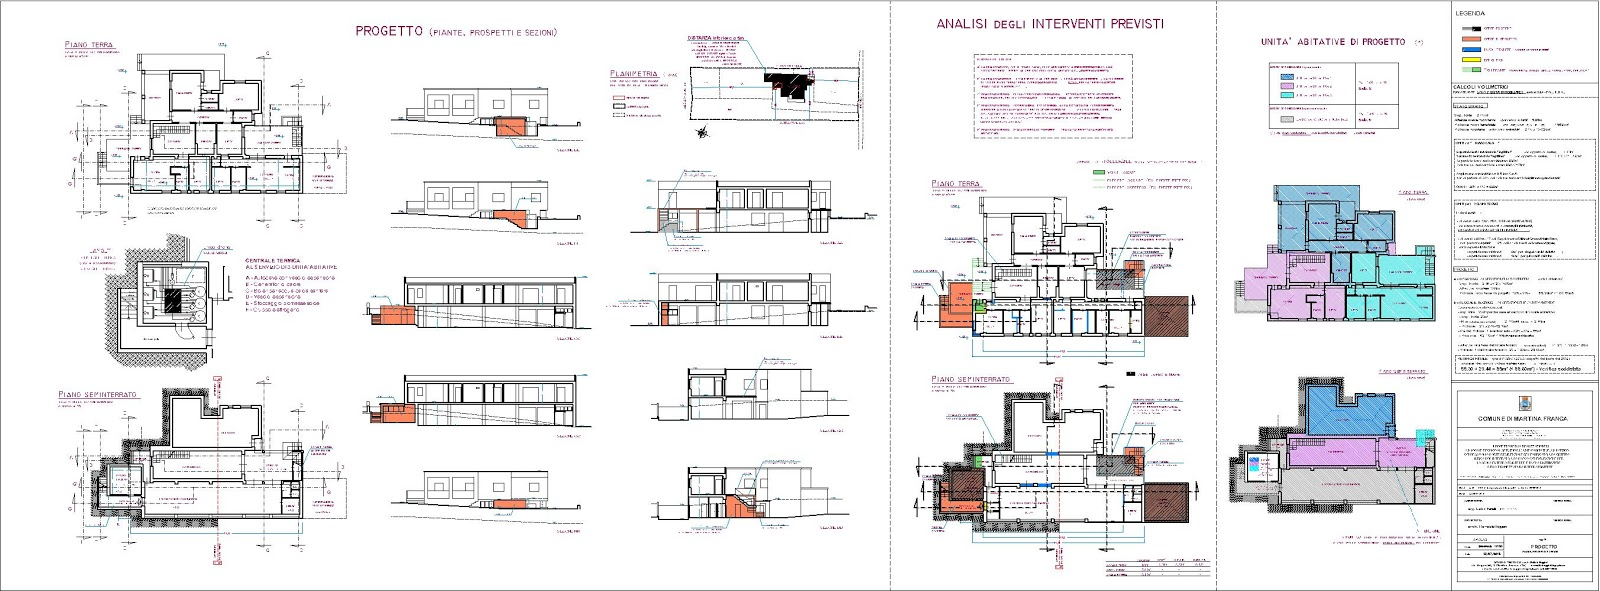 Raffaele ruggieri architetto elaborazioni tavole di progetto for Progettazione paesaggistica